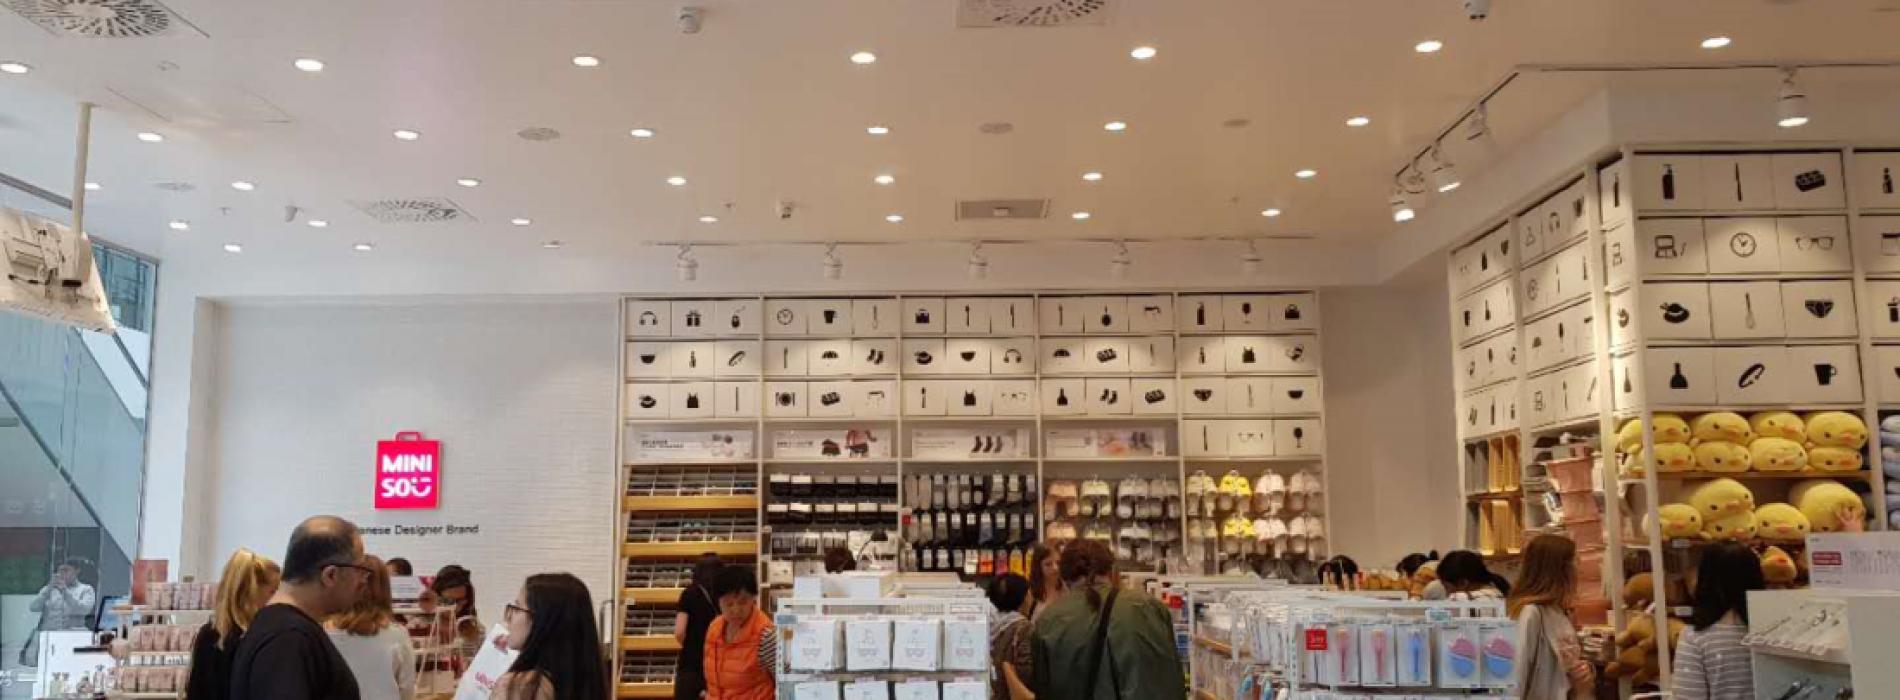 Marca japonesa Miniso comercializará produtos na Amazon Índia